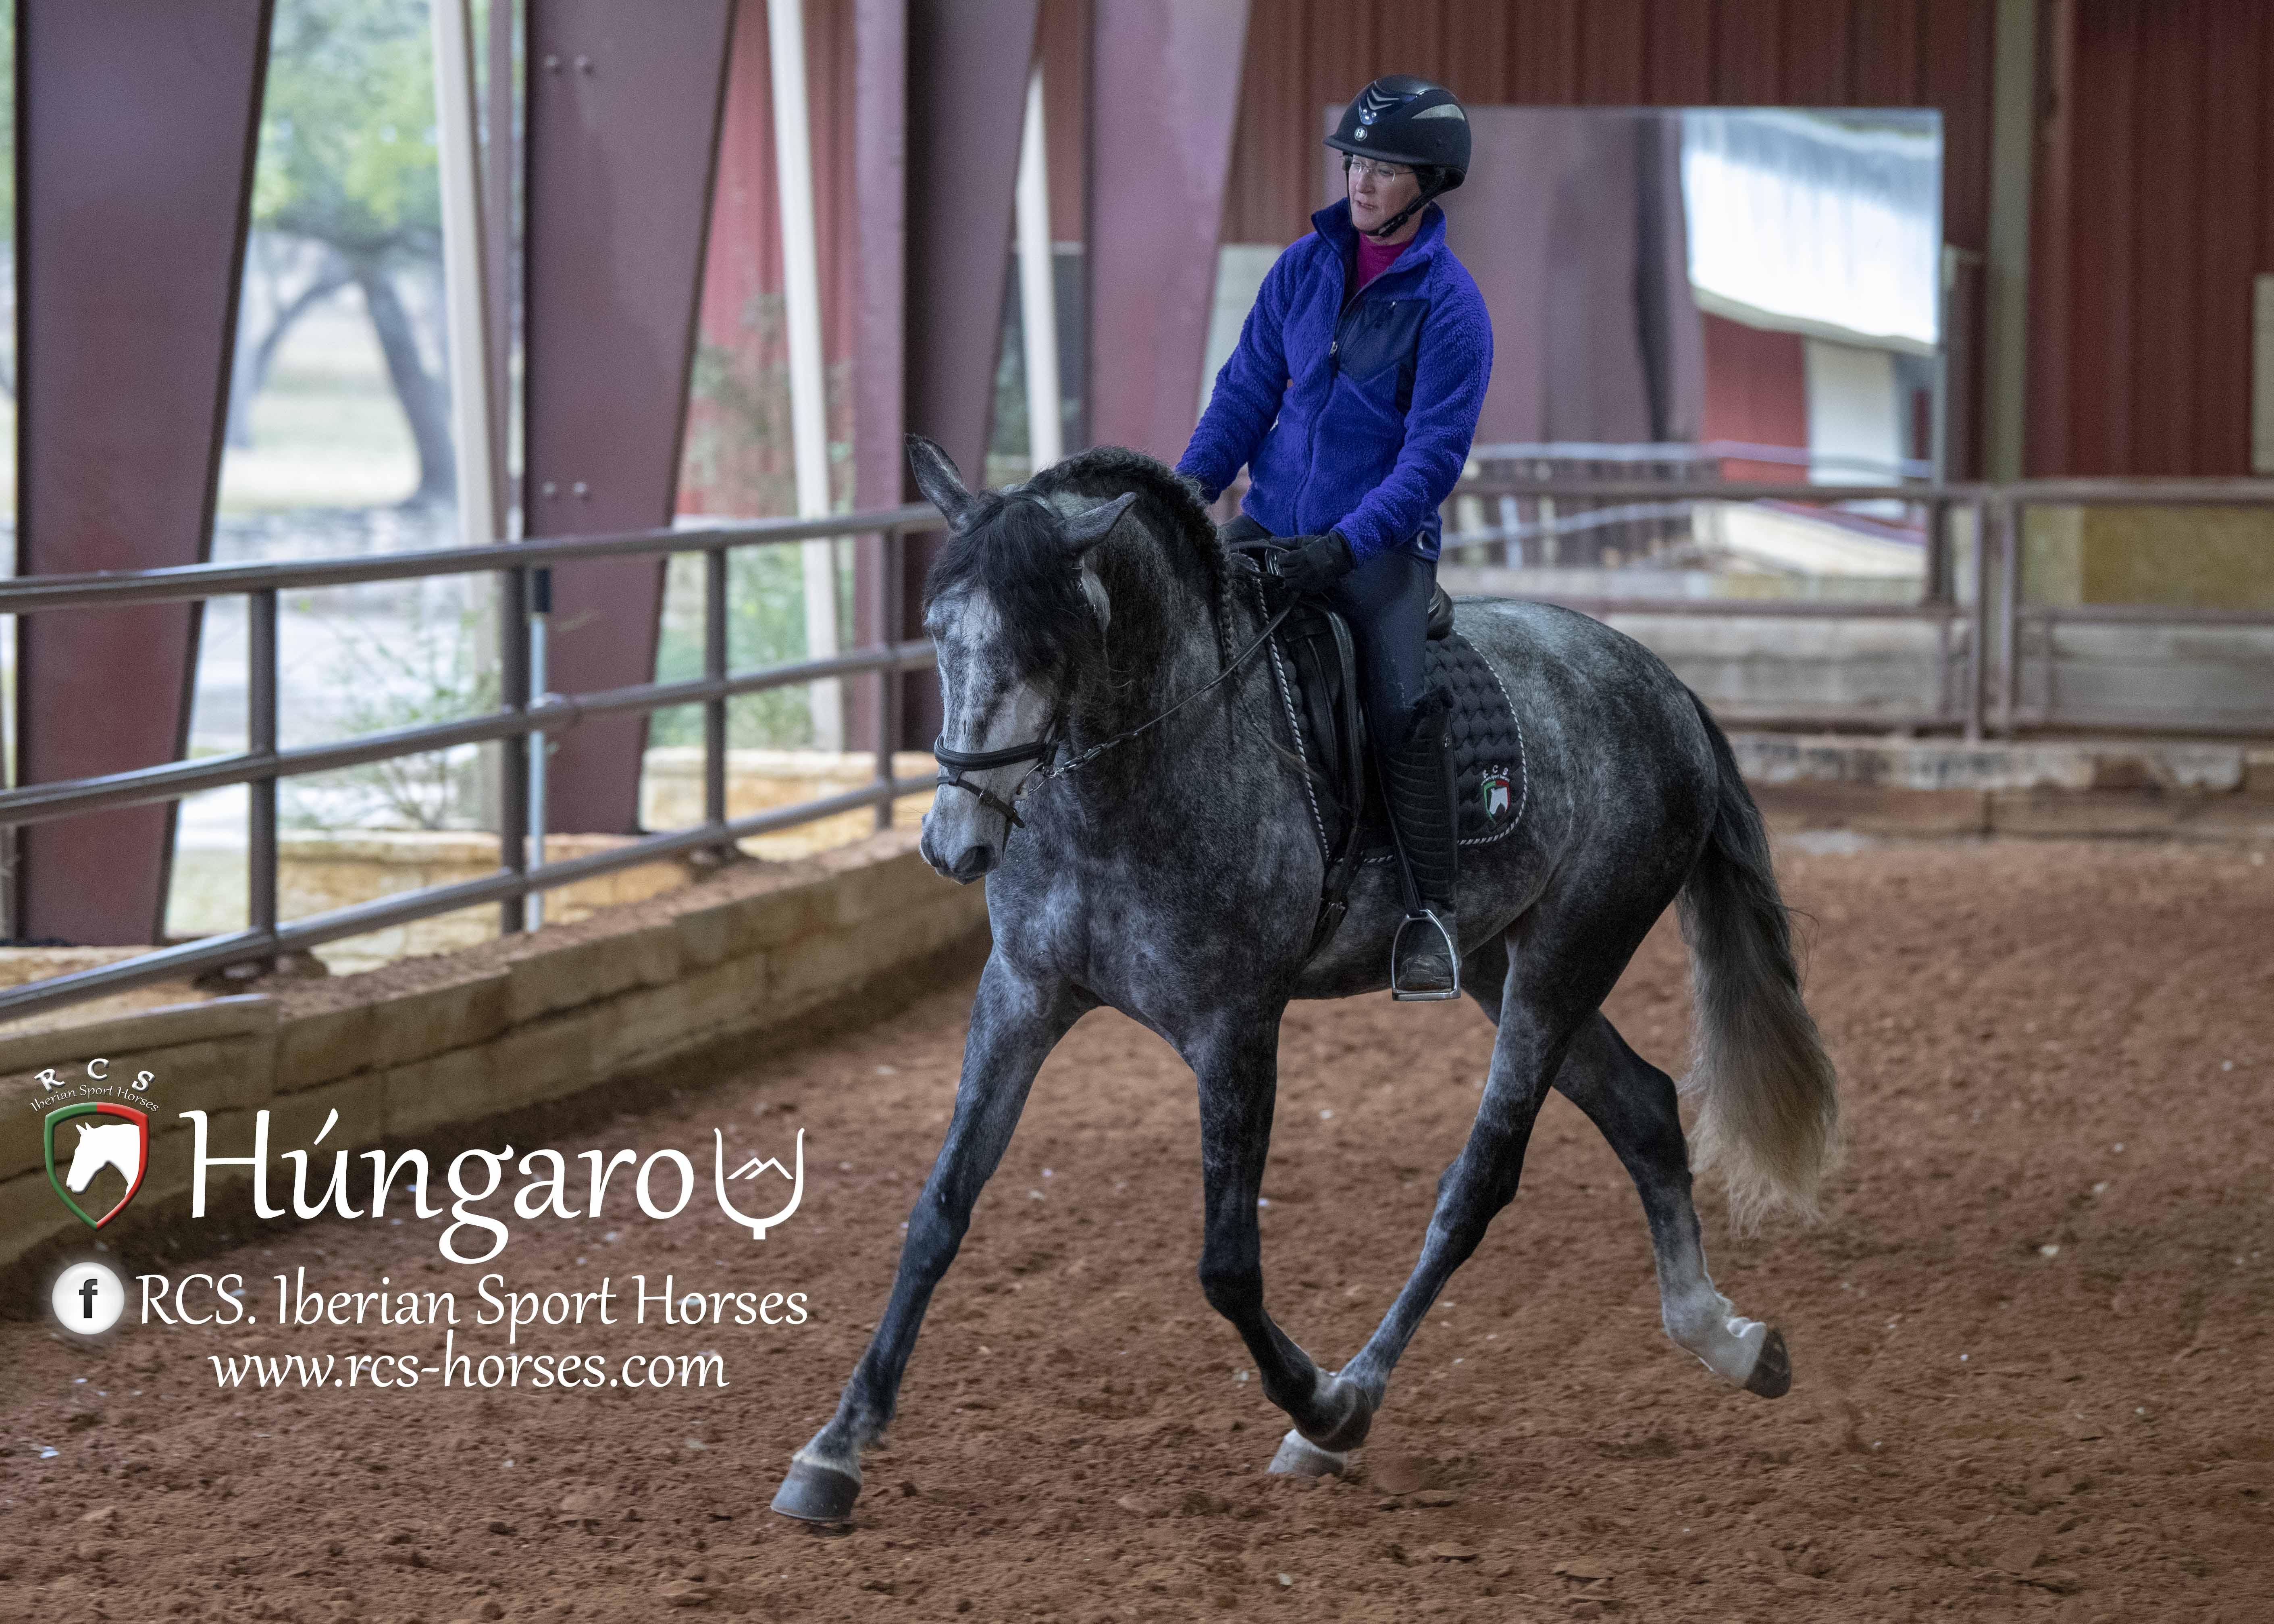 Hungaro